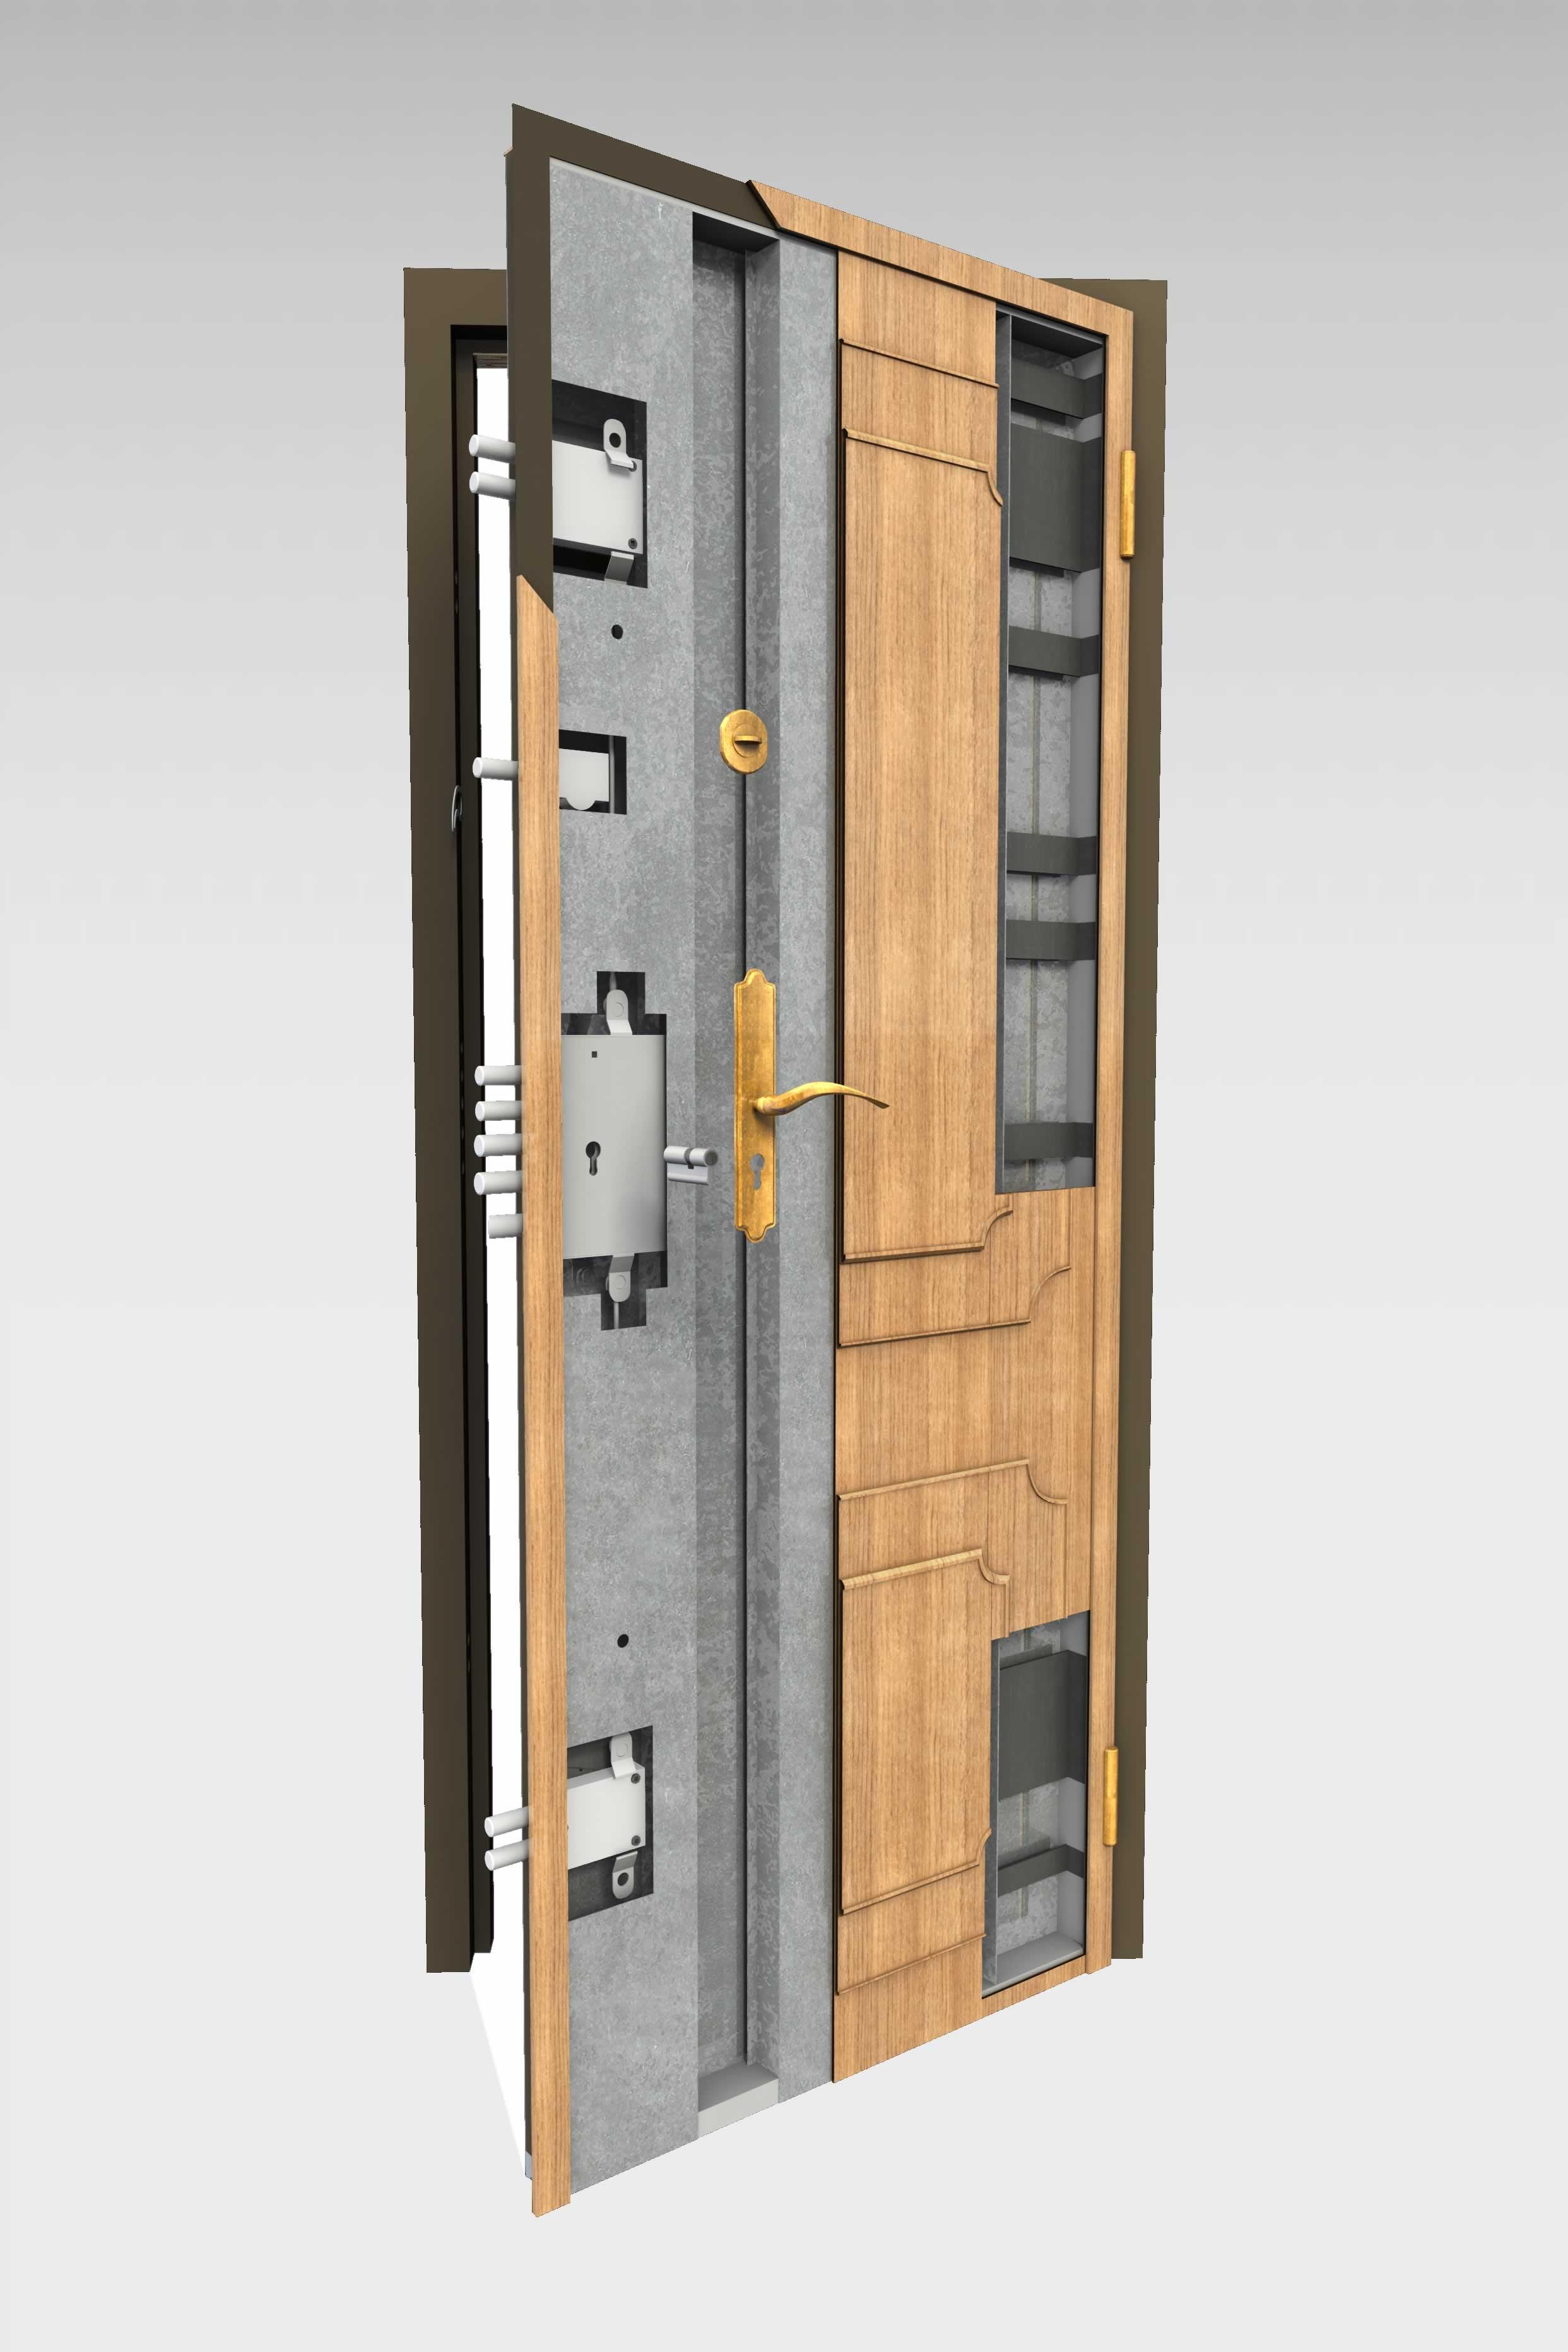 Puerta acorazada 200 roconsa - Cerrojo de seguridad para puertas ...